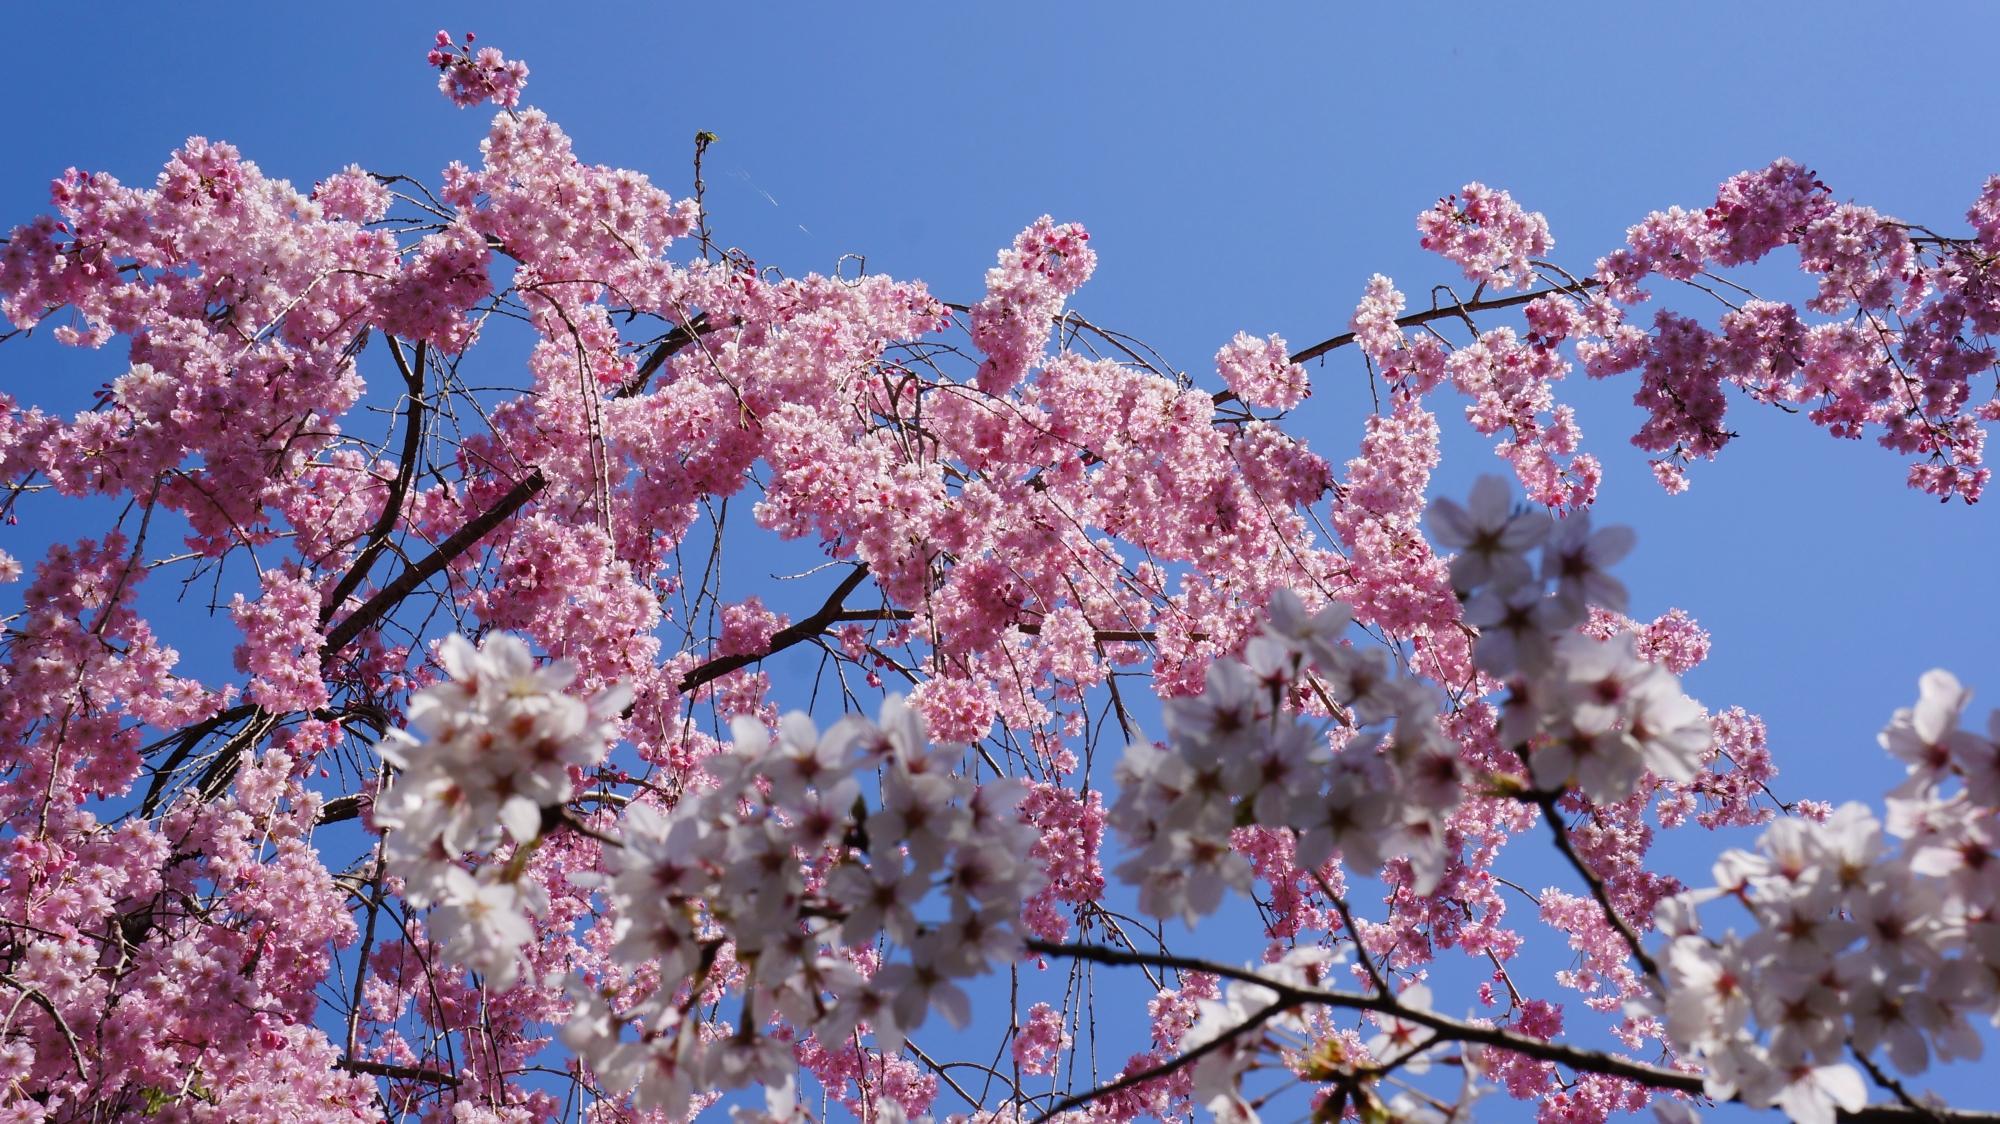 太陽をいっぱいに浴びて煌びやかに輝く桜